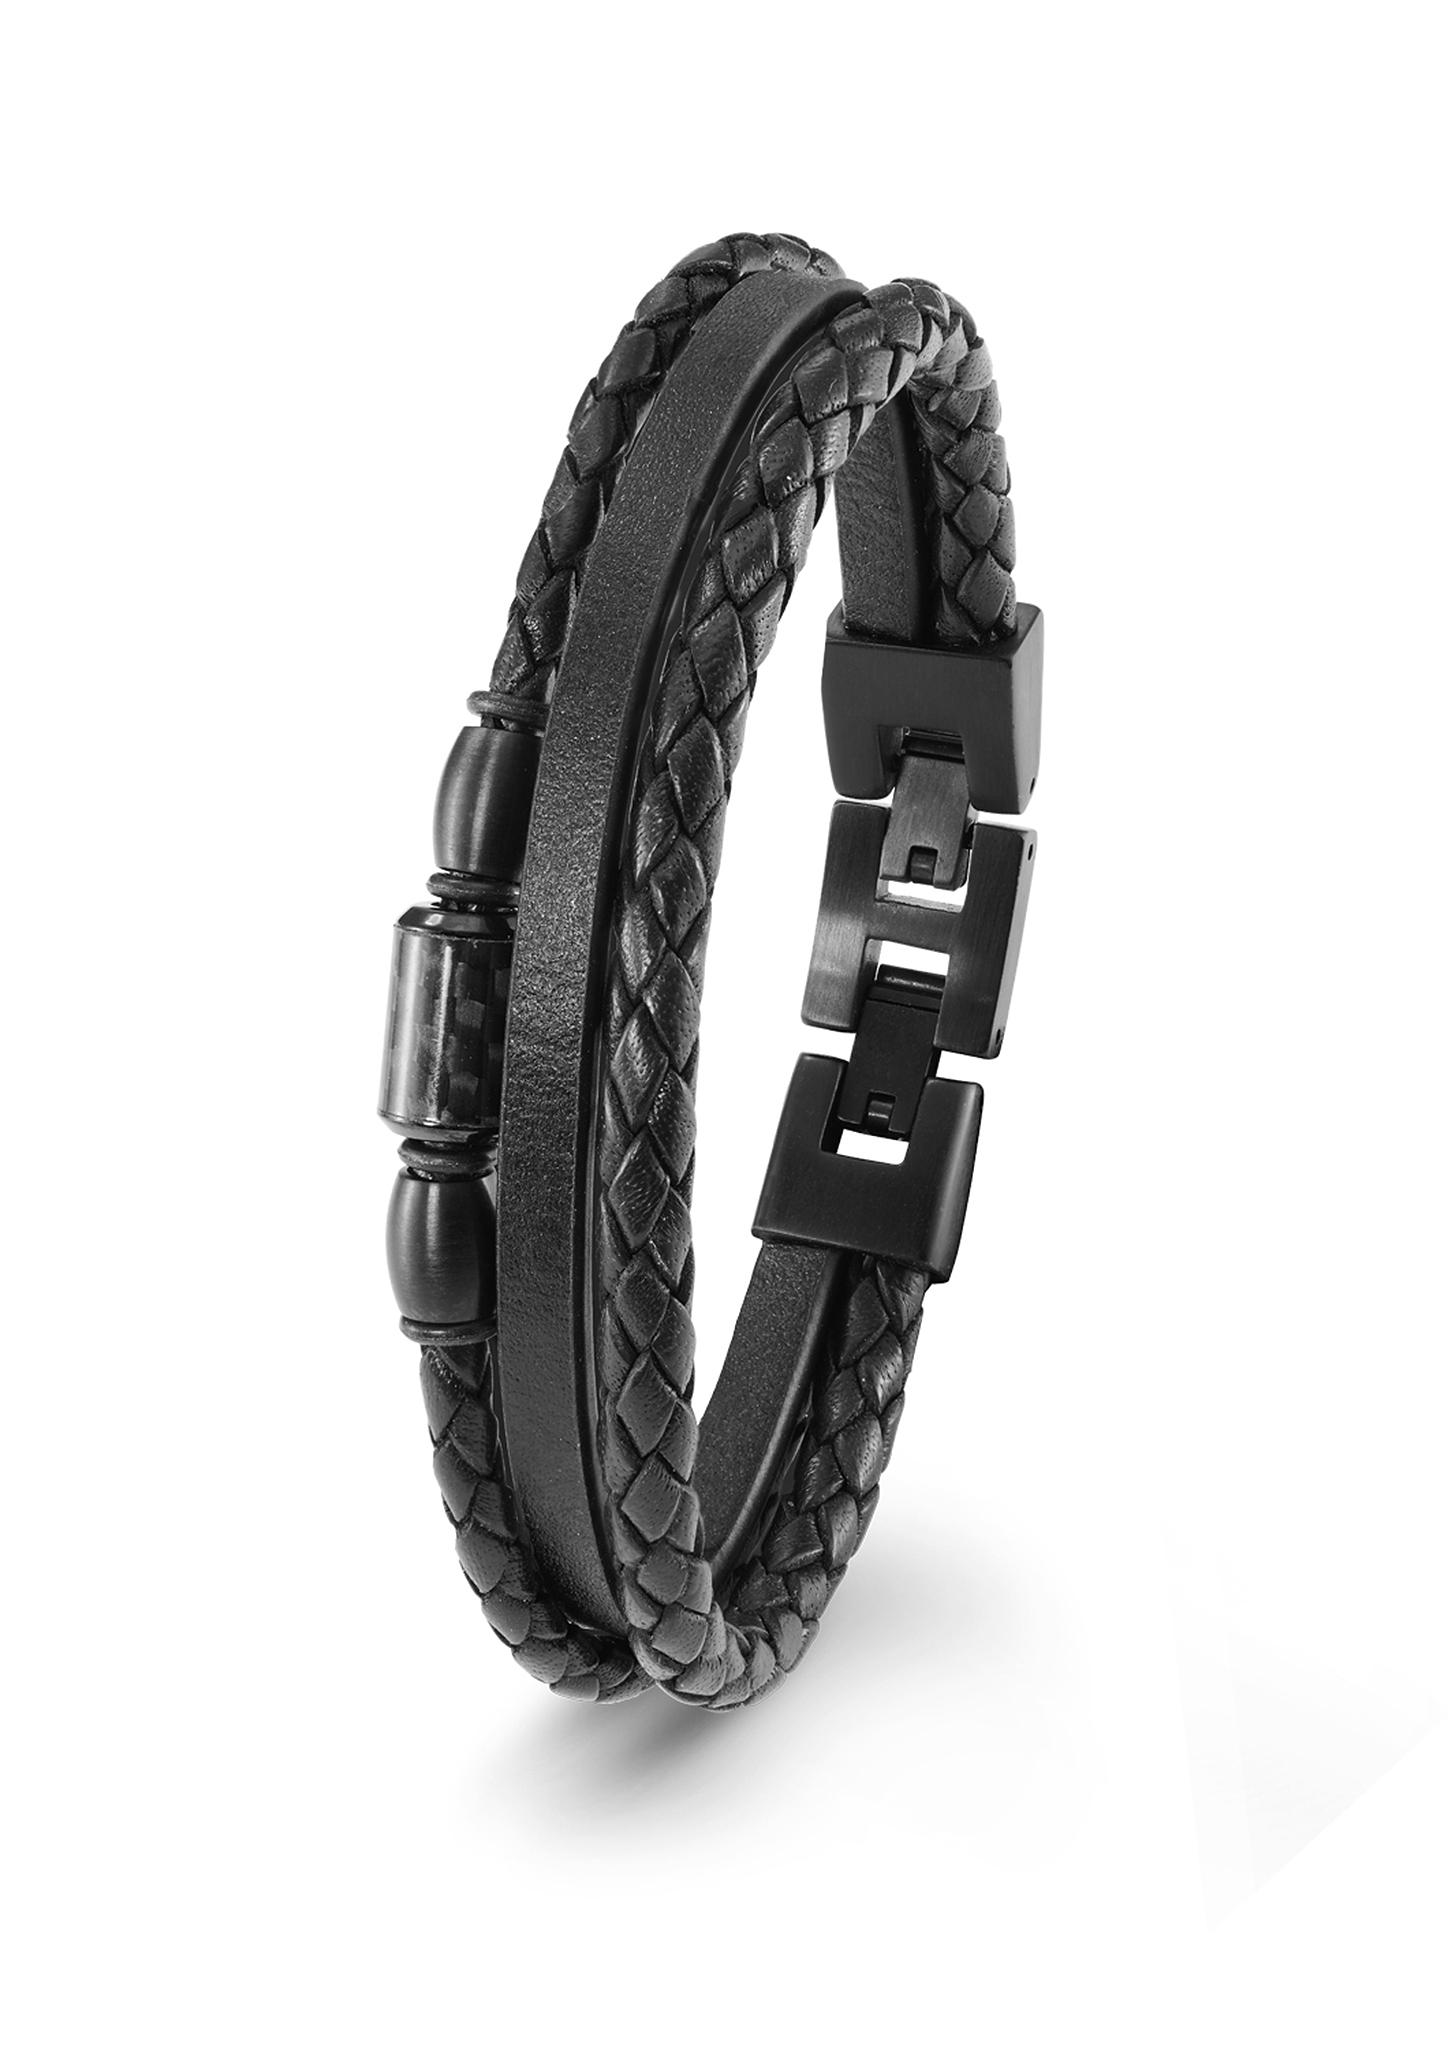 Armband | Schmuck | Grau/schwarz | Edelstahl| leder| ip black | s.Oliver